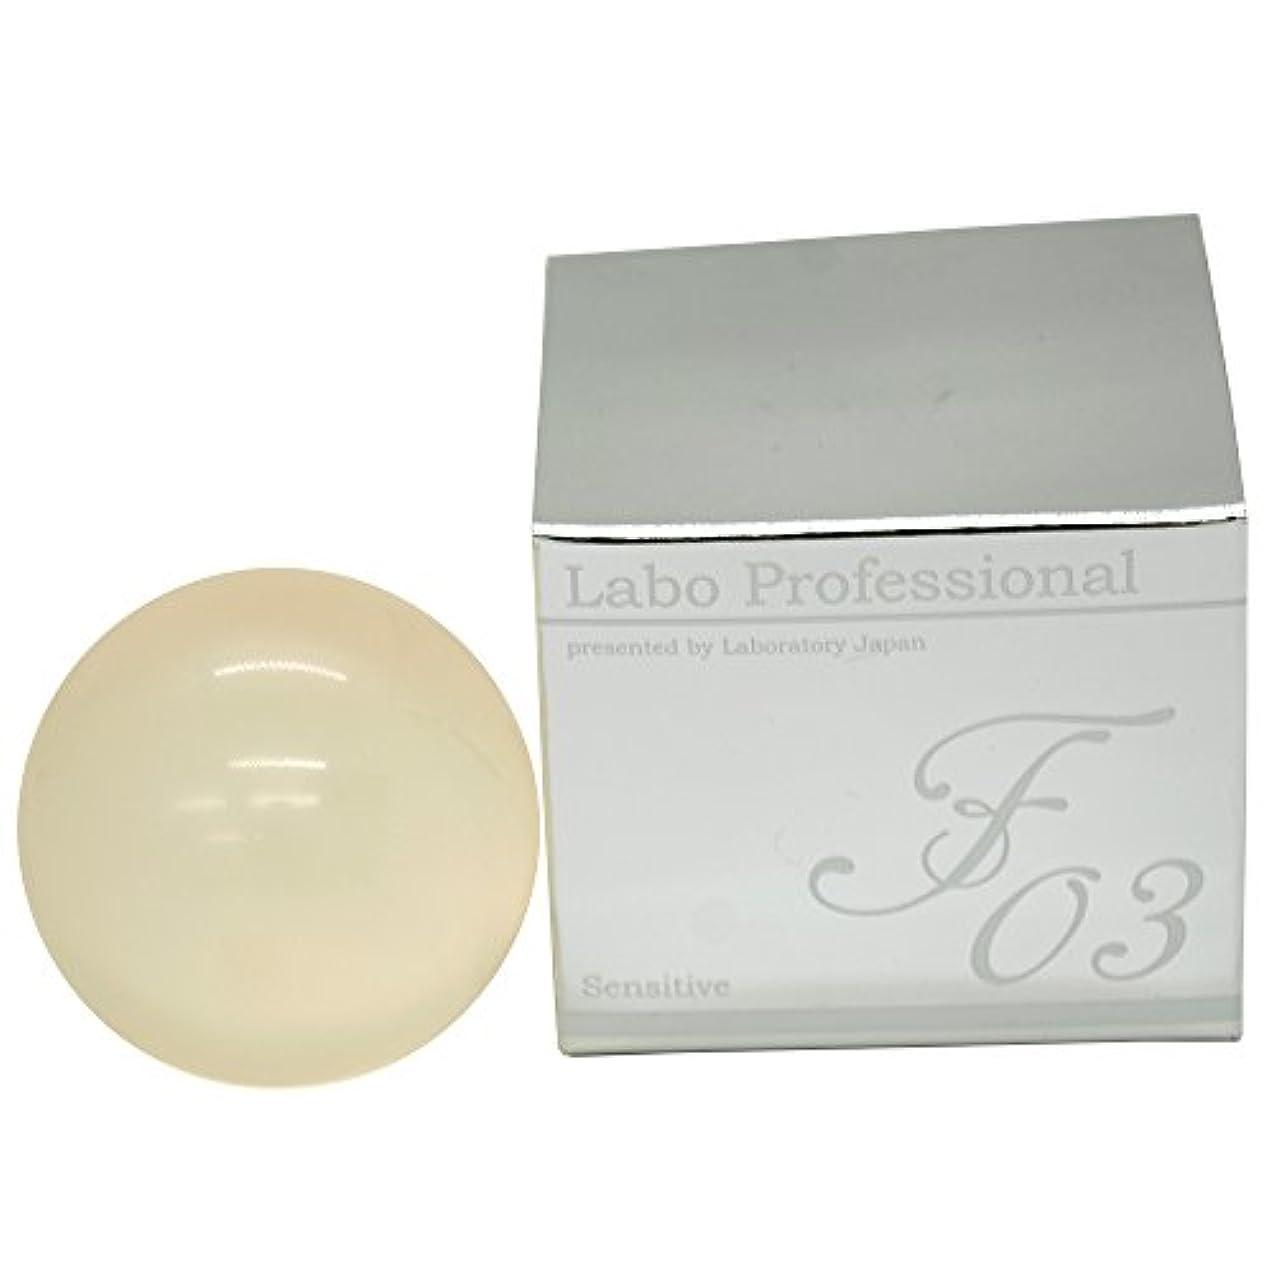 日本製【真性フコイダン配合】赤ちゃんから使える 敏感肌向け美容石鹸|Labo Professional F03